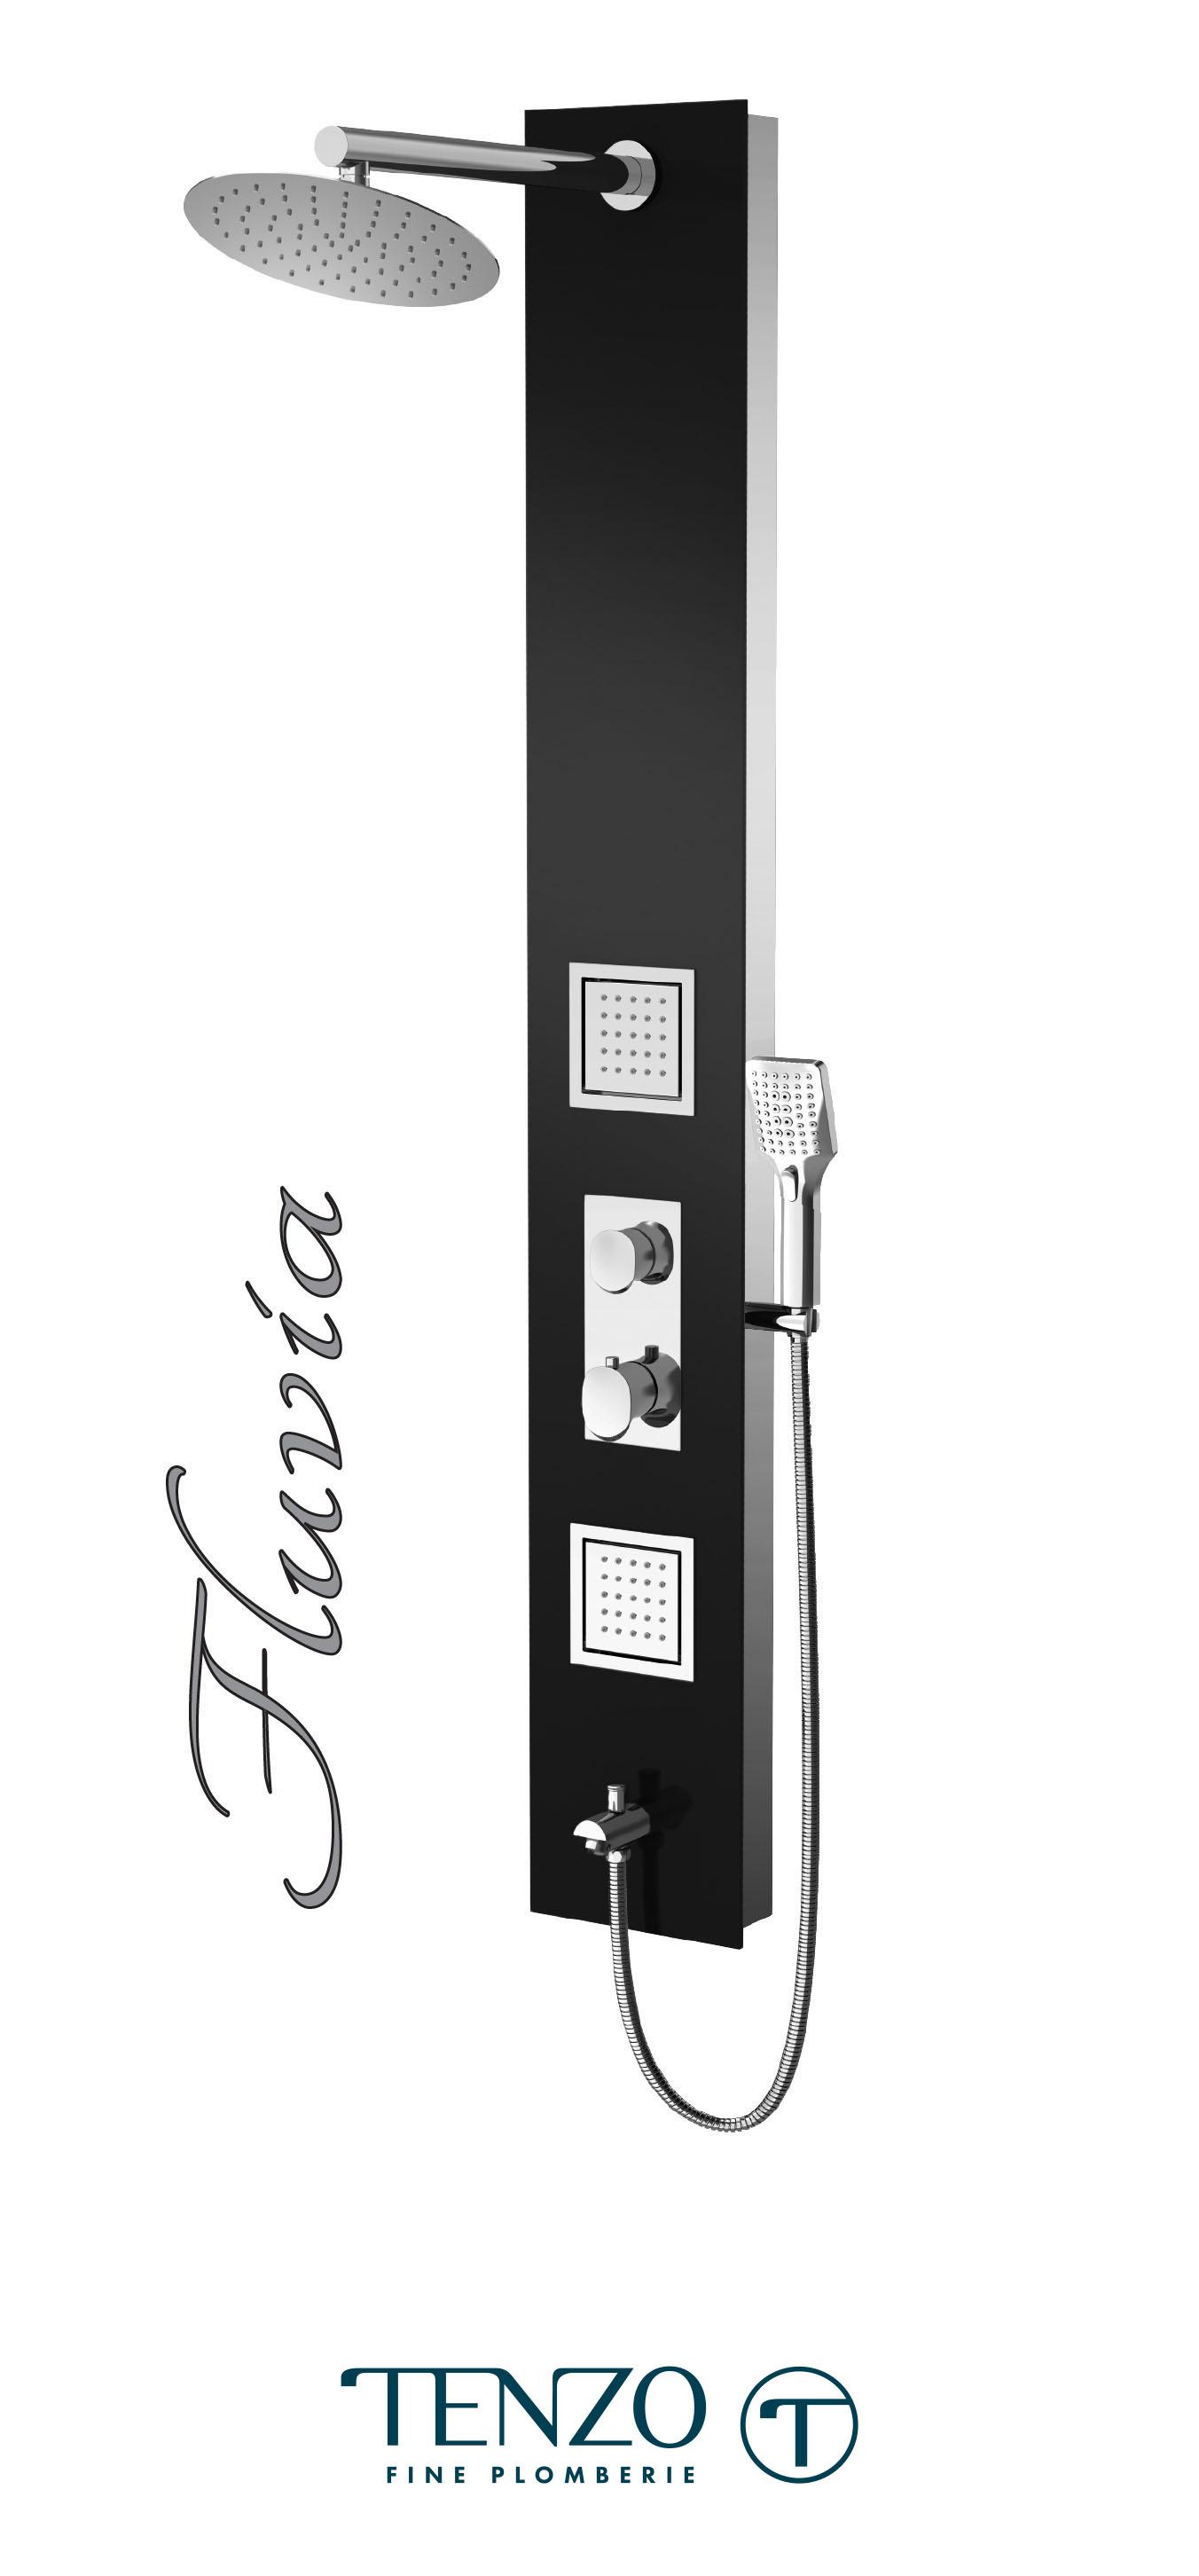 TZG3-XX-FL-SX - Colonne de douche - Verre trempé, 3 fonctions, Fluvia